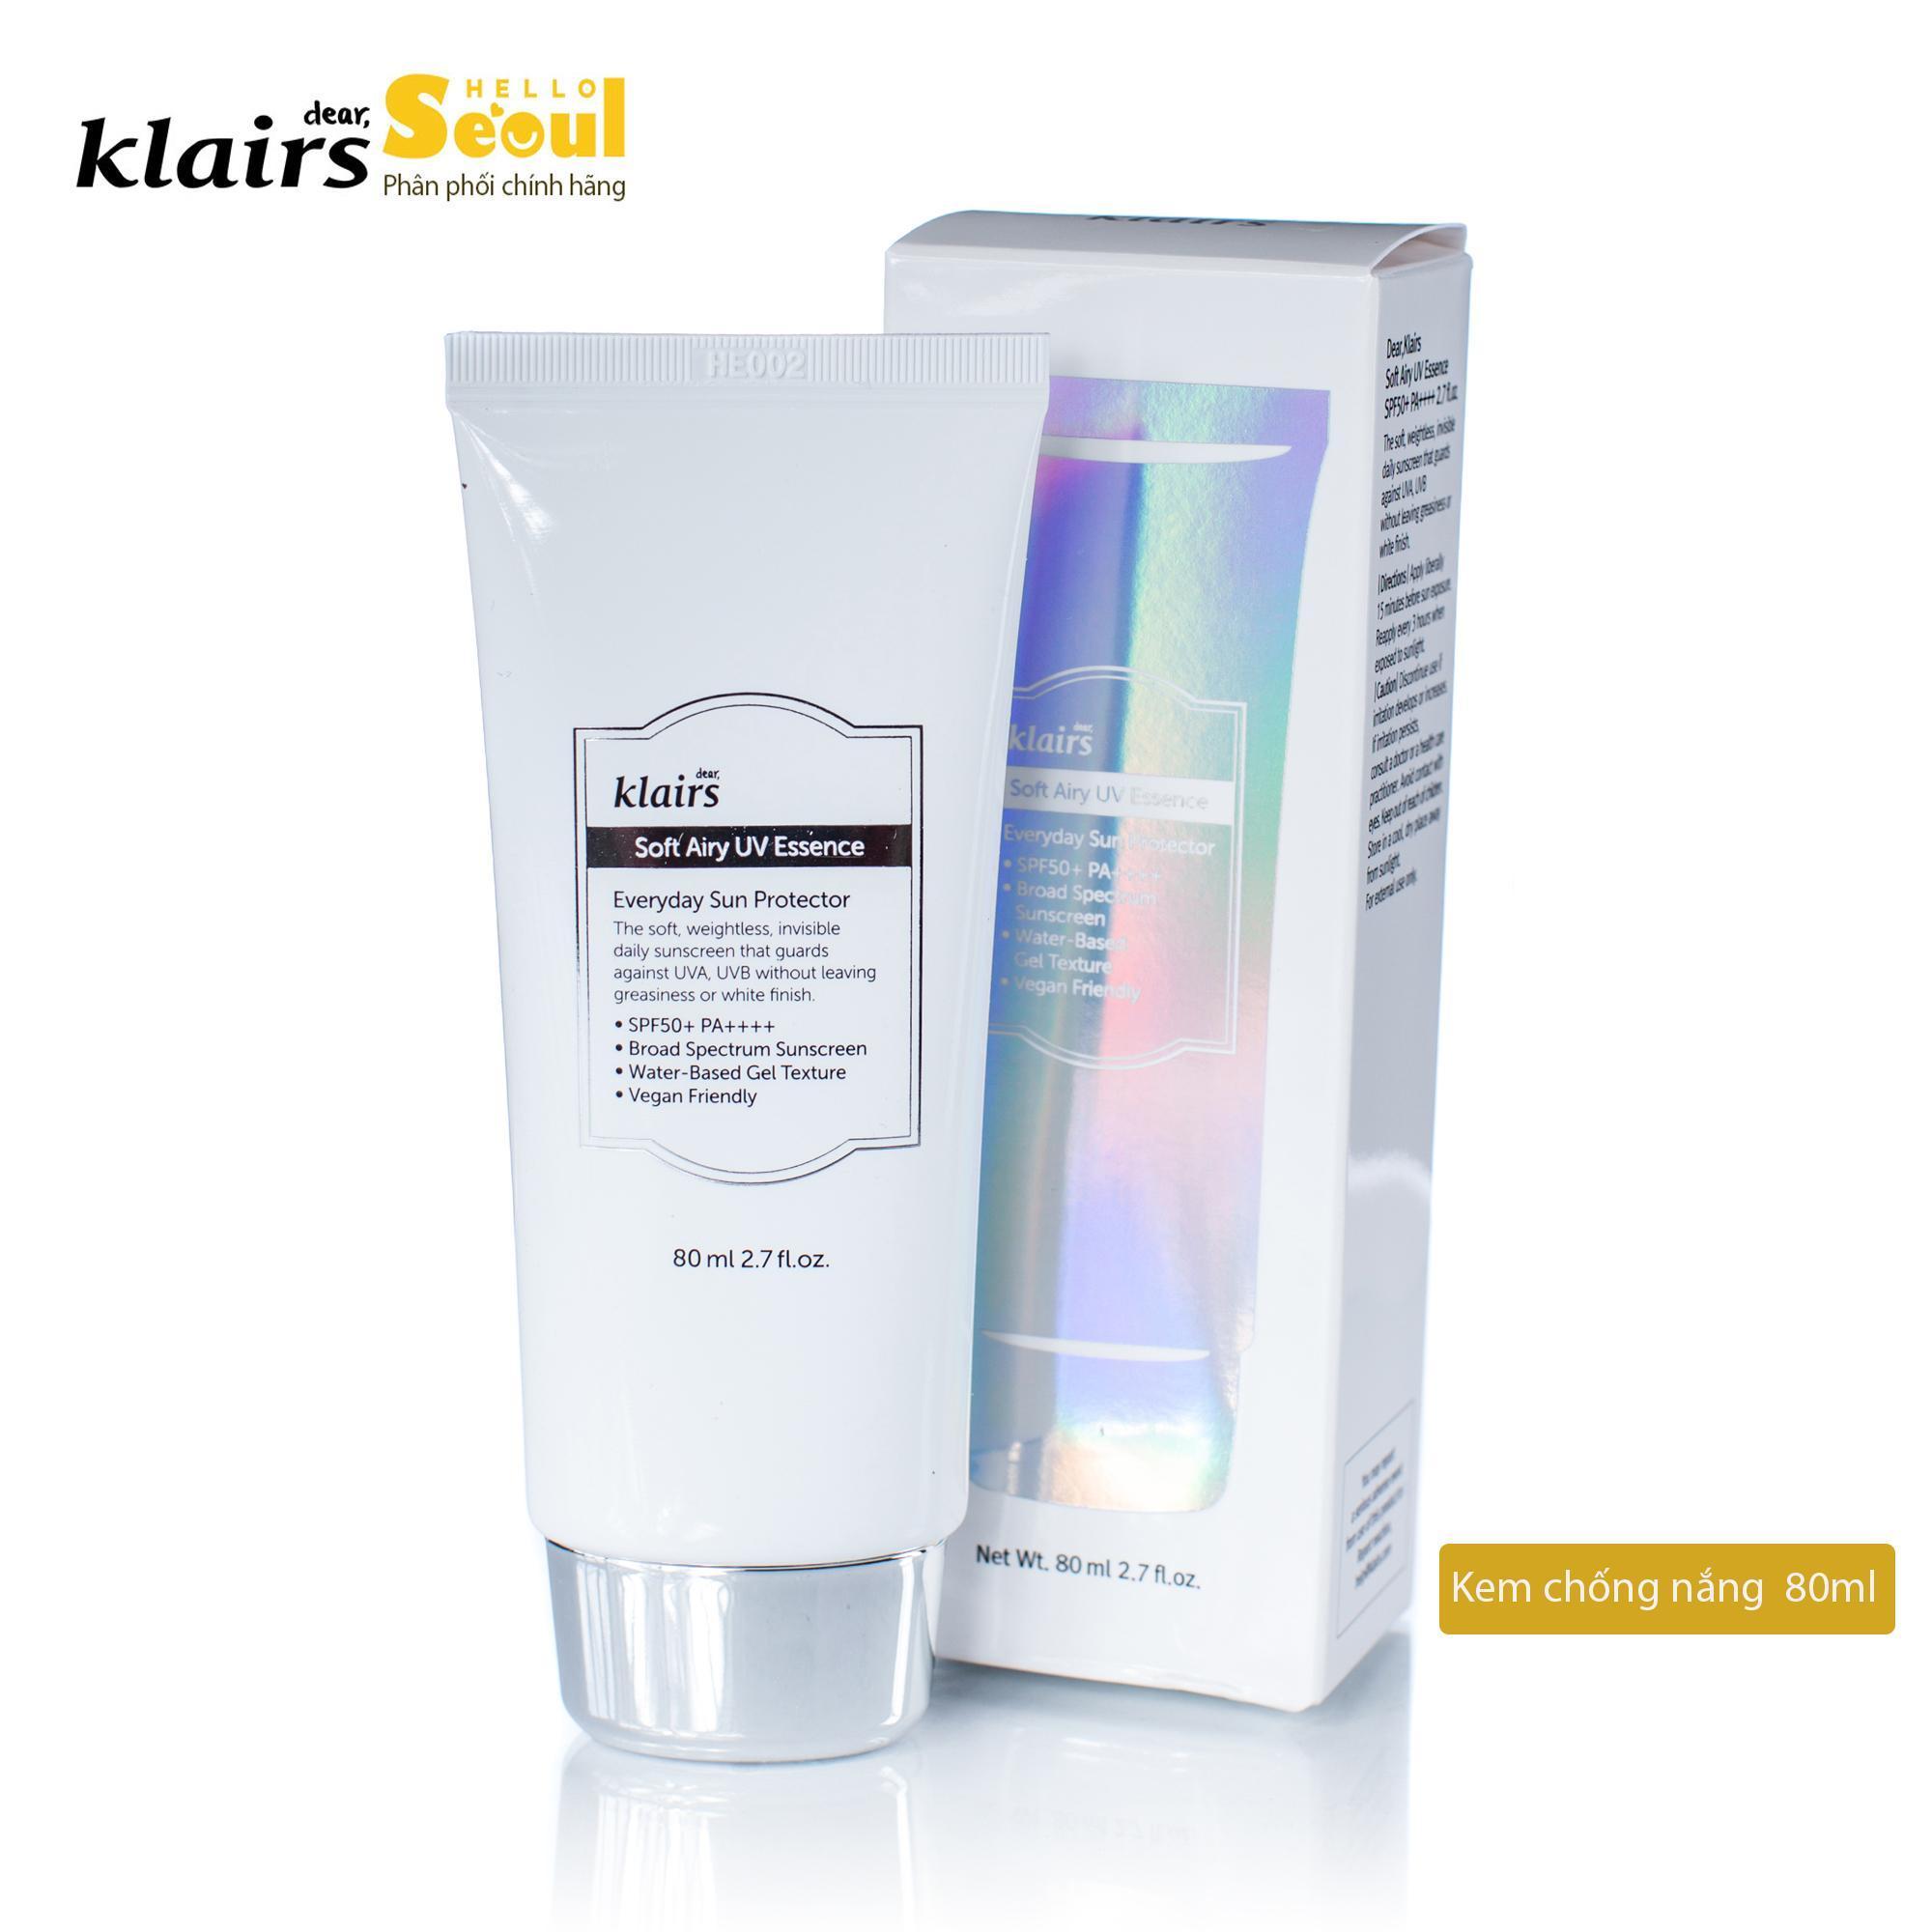 Kem chống nắng làm sáng da, giảm bóng nhờn Klairs Soft Airy UV Essence SPF50/PA++++ 80ml nhập khẩu